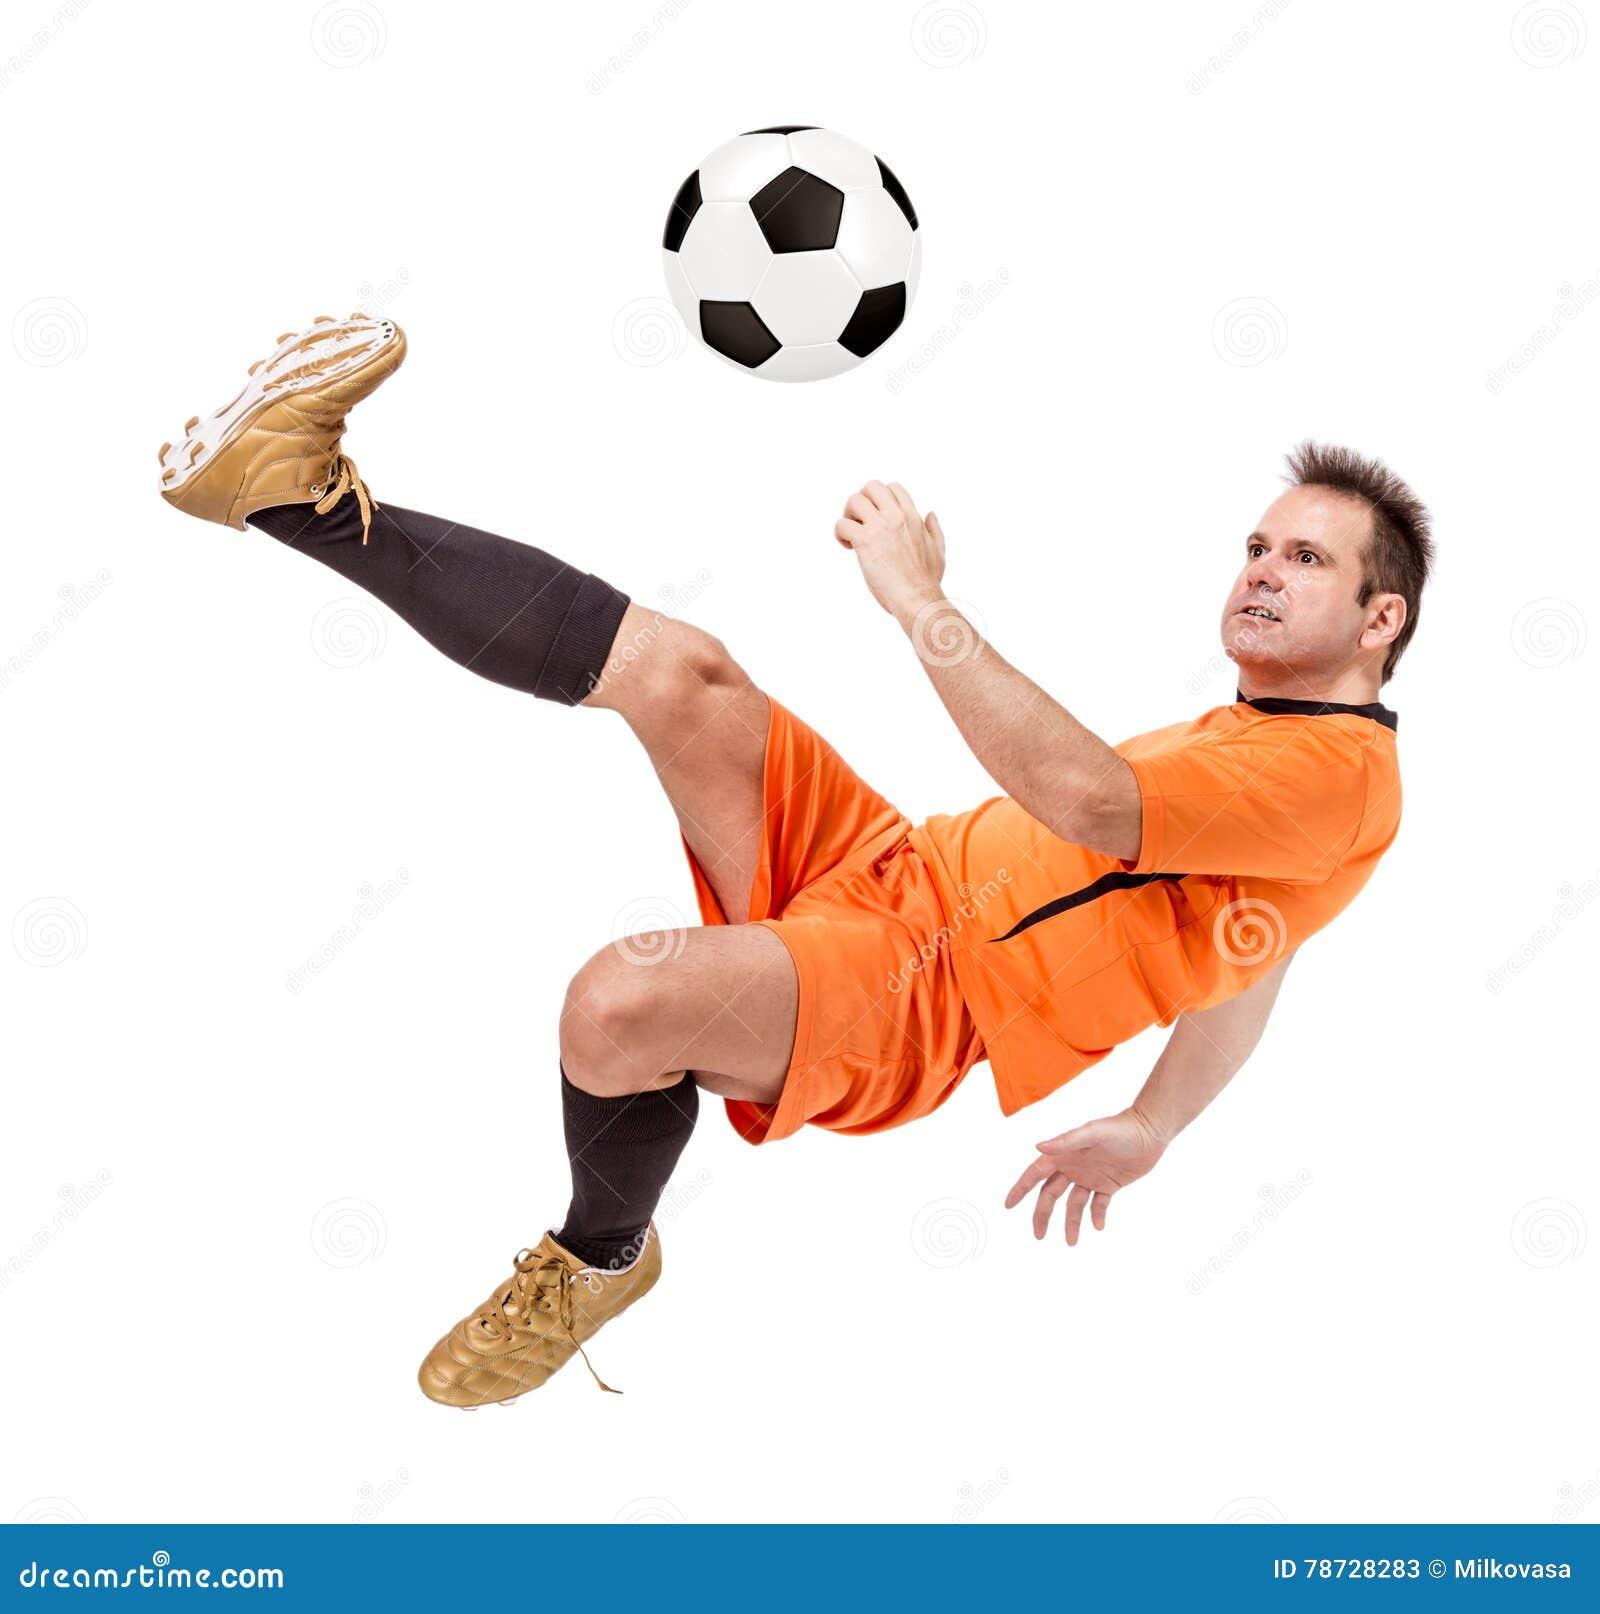 Joueur de football du football donnant un coup de pied la boule